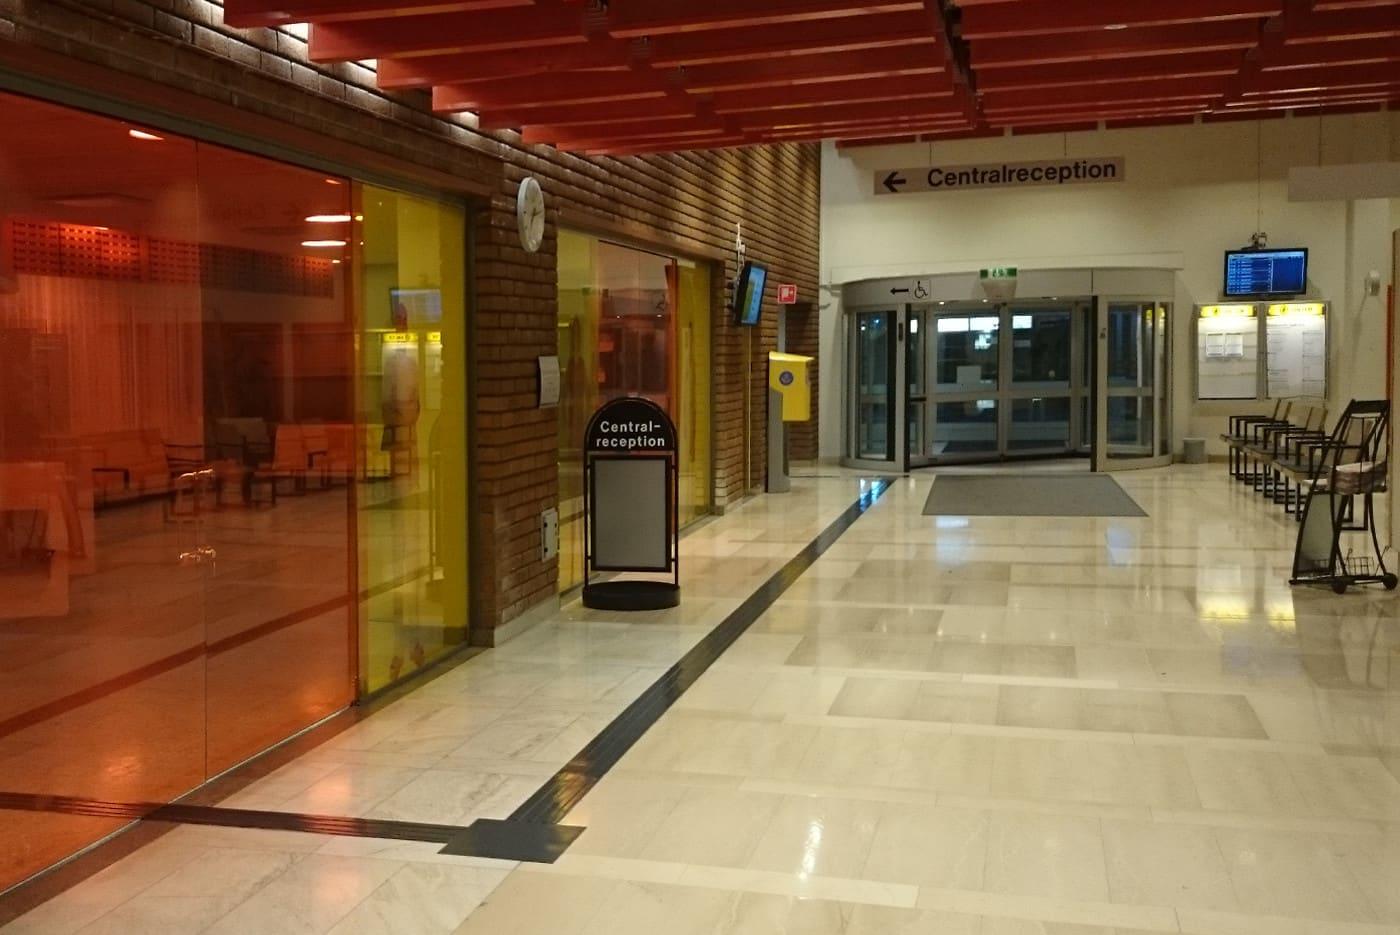 Bild från Sundsvalls sjukhus där ett mörkgrått gummiledstråk leder besökande fram till receptionen.